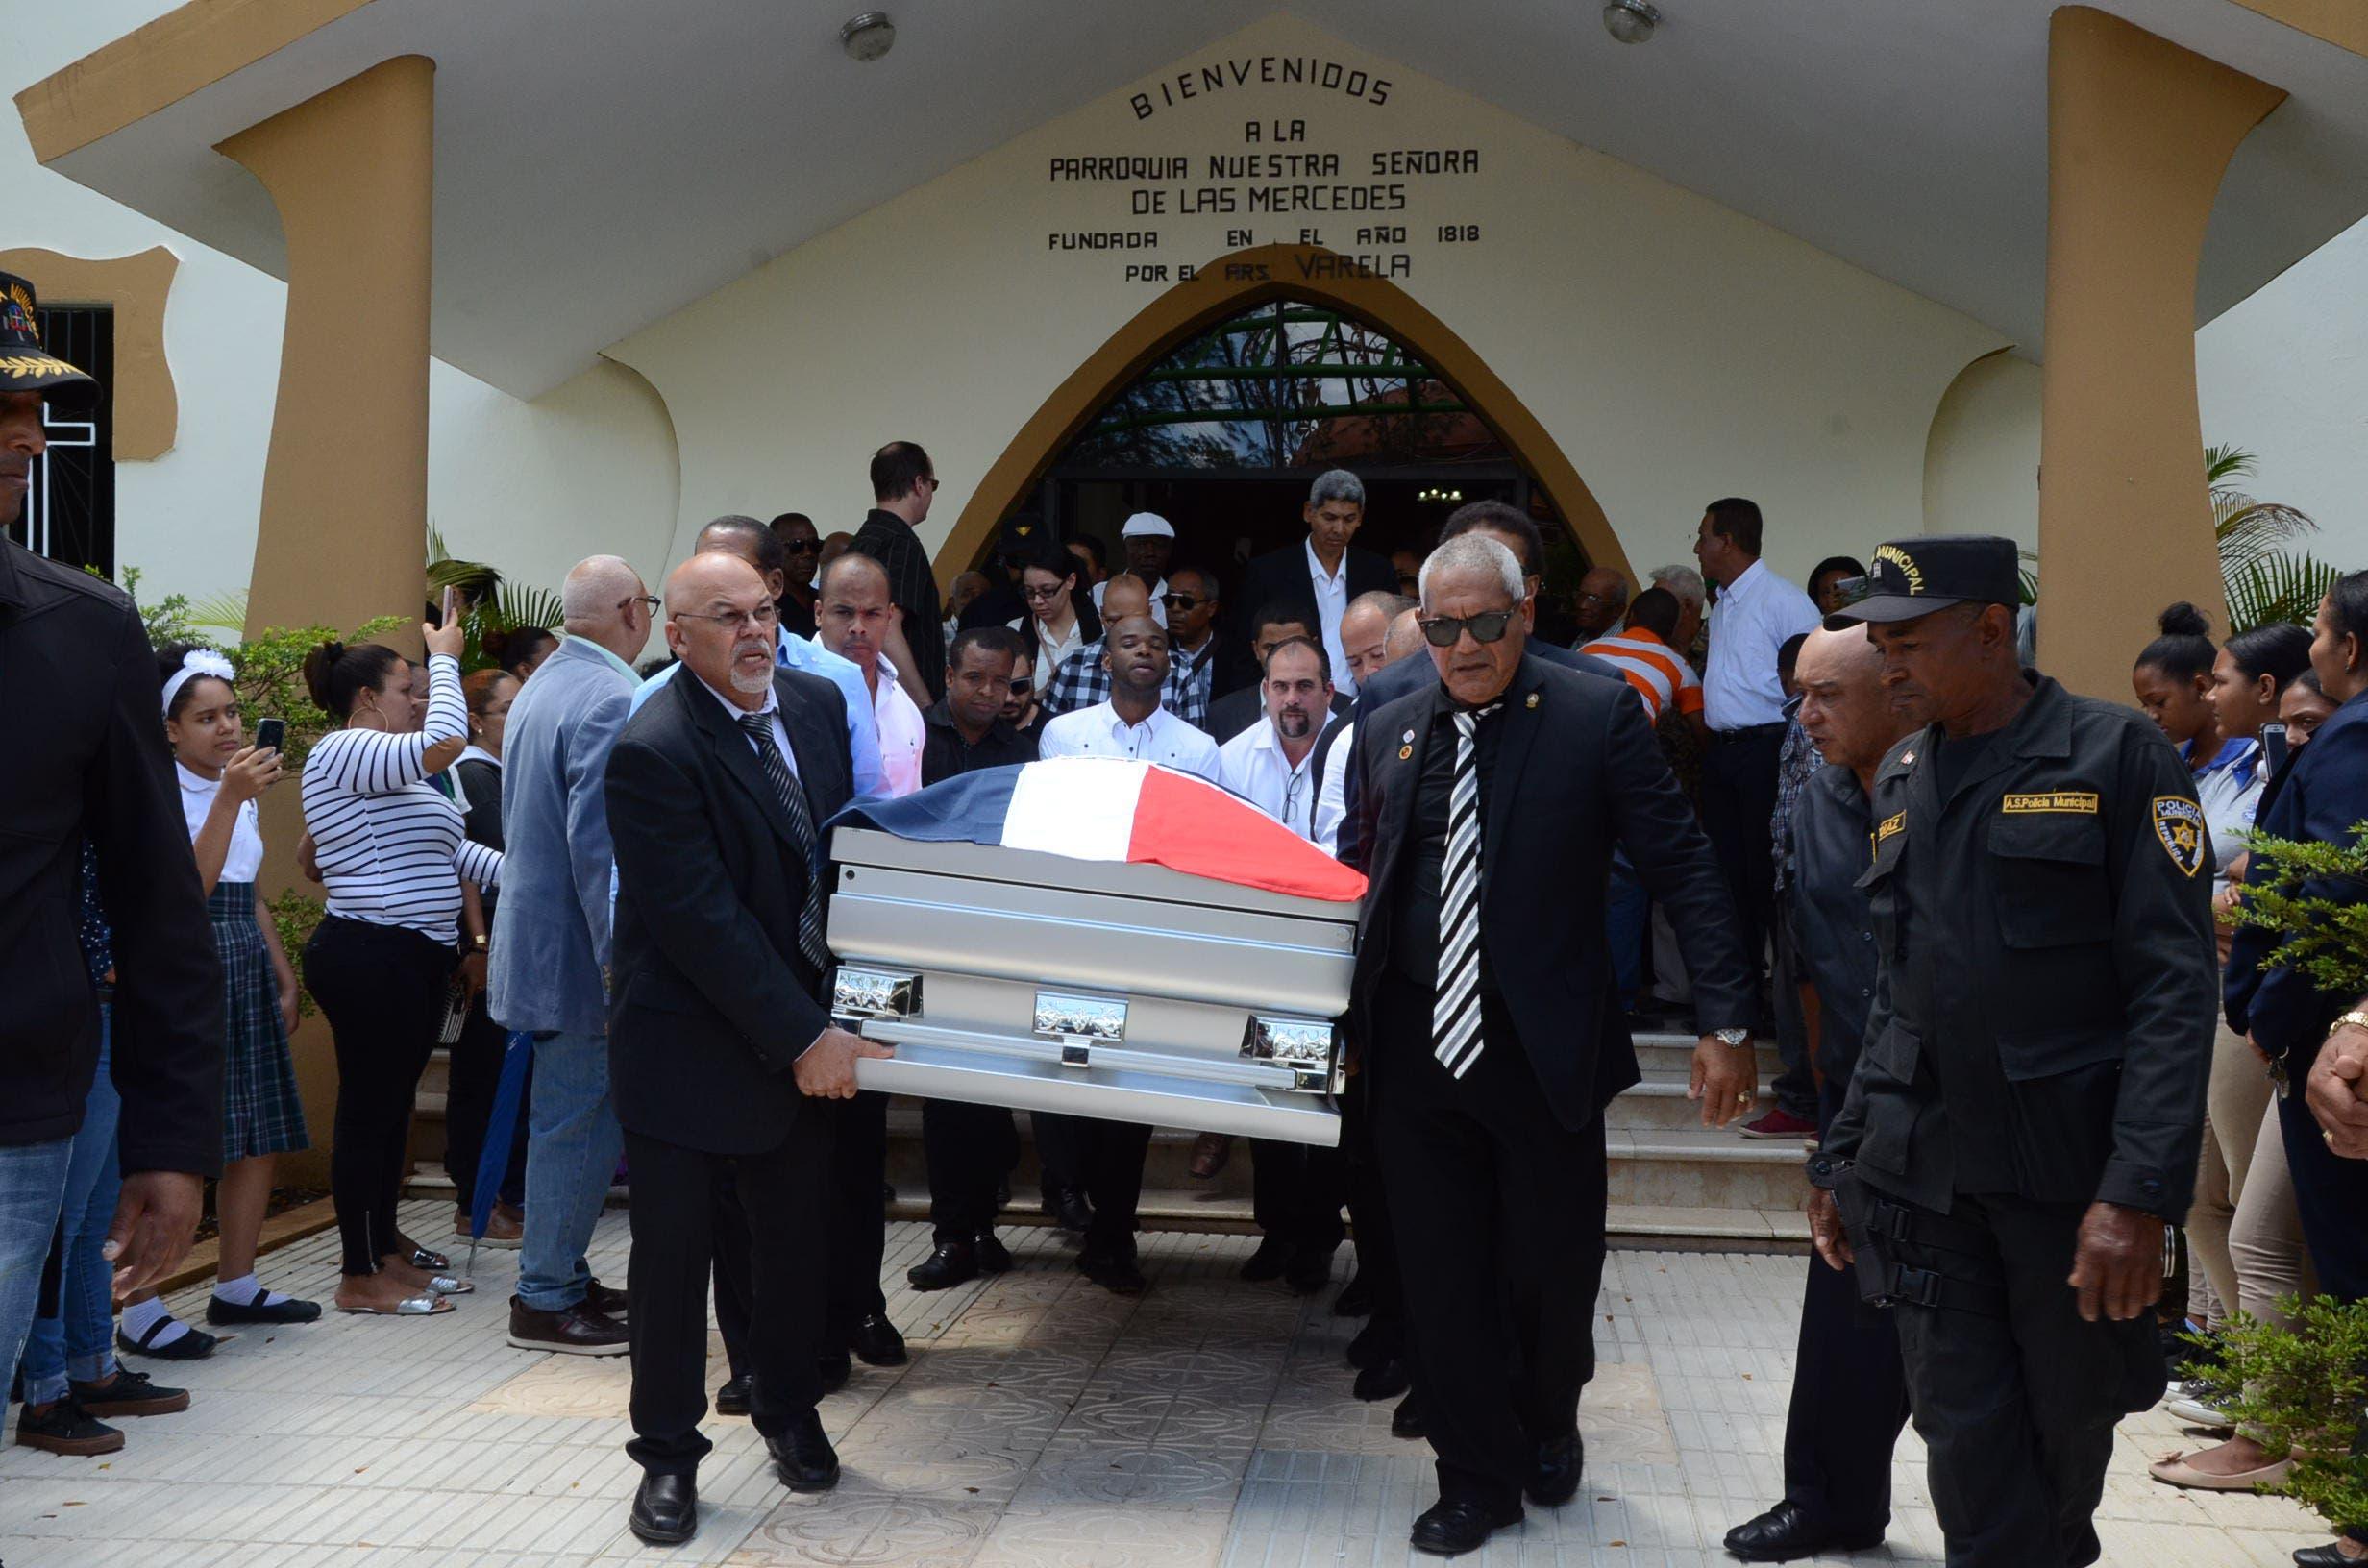 12. Luego de la misa, el cuerpo féretro fue trasladado al cementerio.